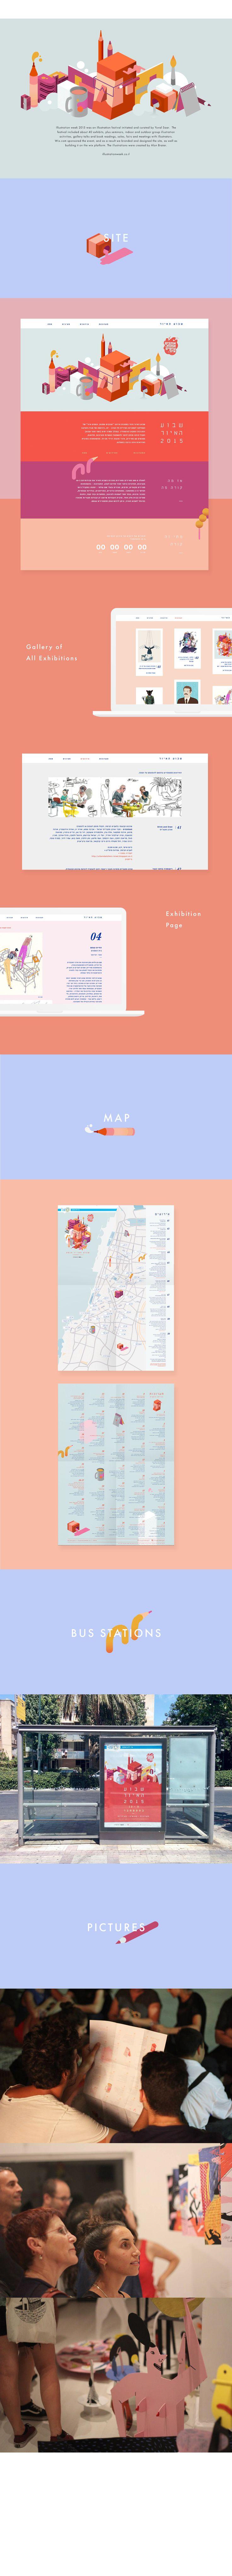 Illustration Week 2015 | Website